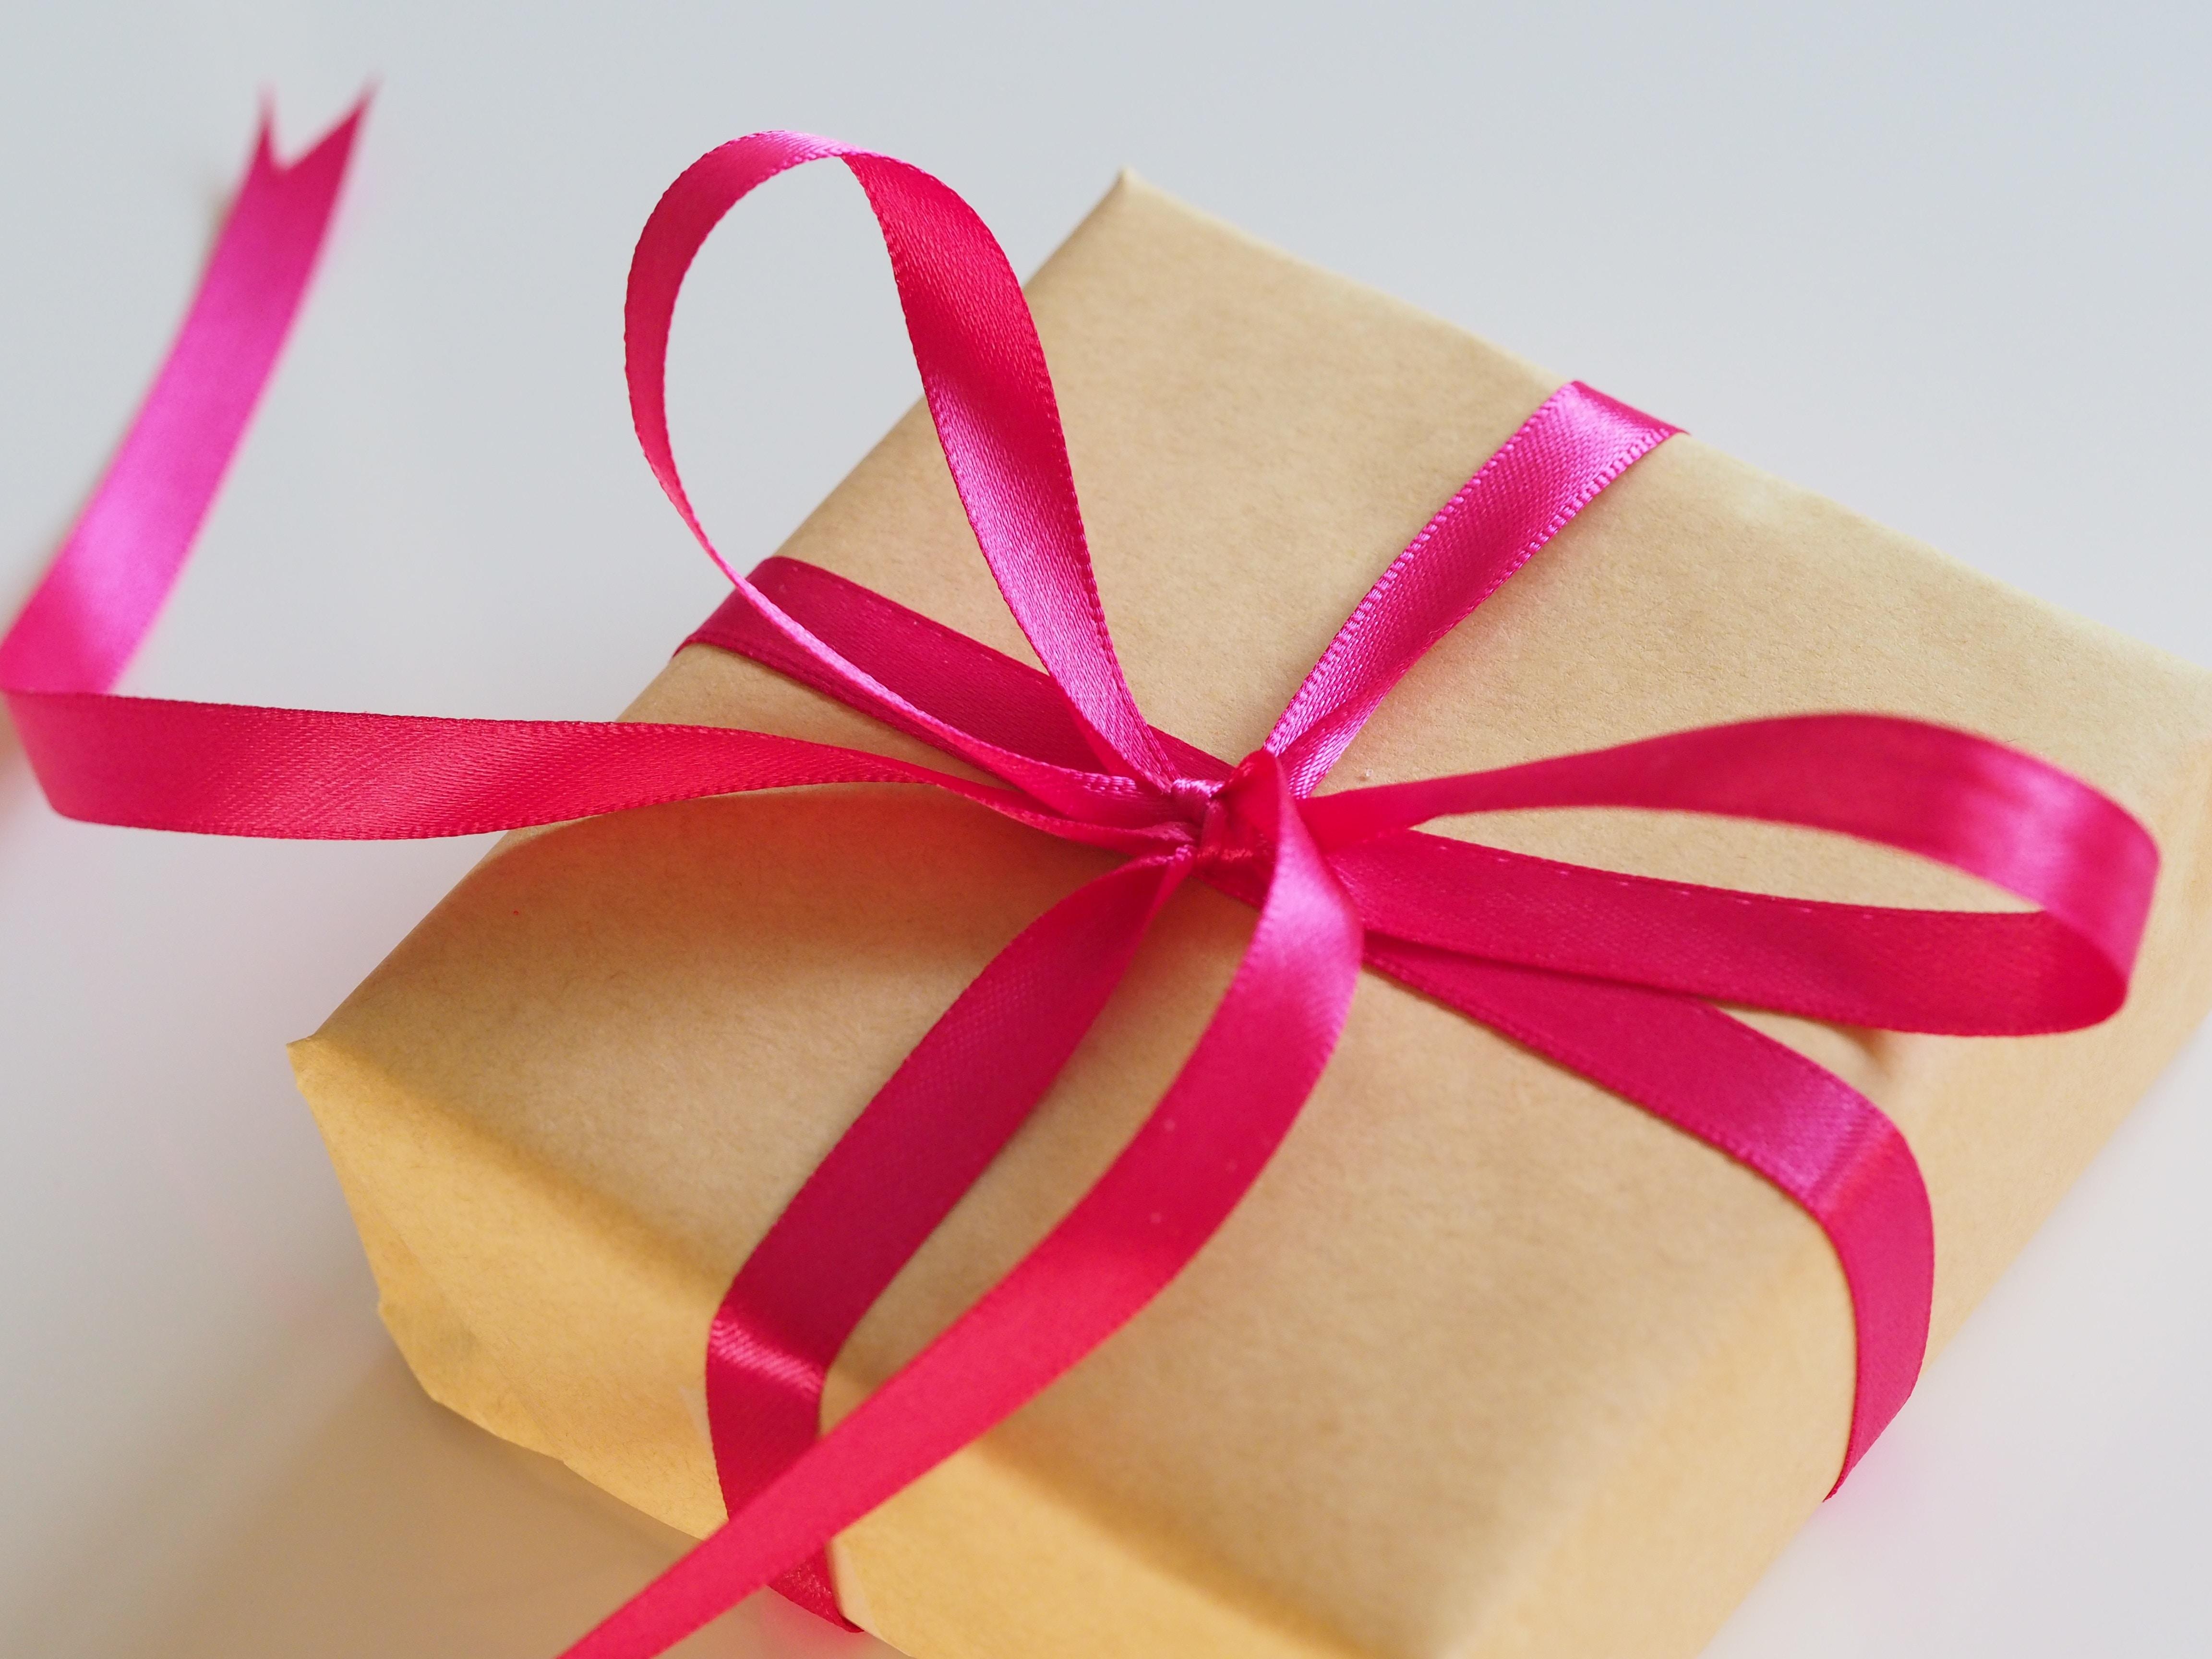 Les coffrets beautés : Cadeaux pour les femmes